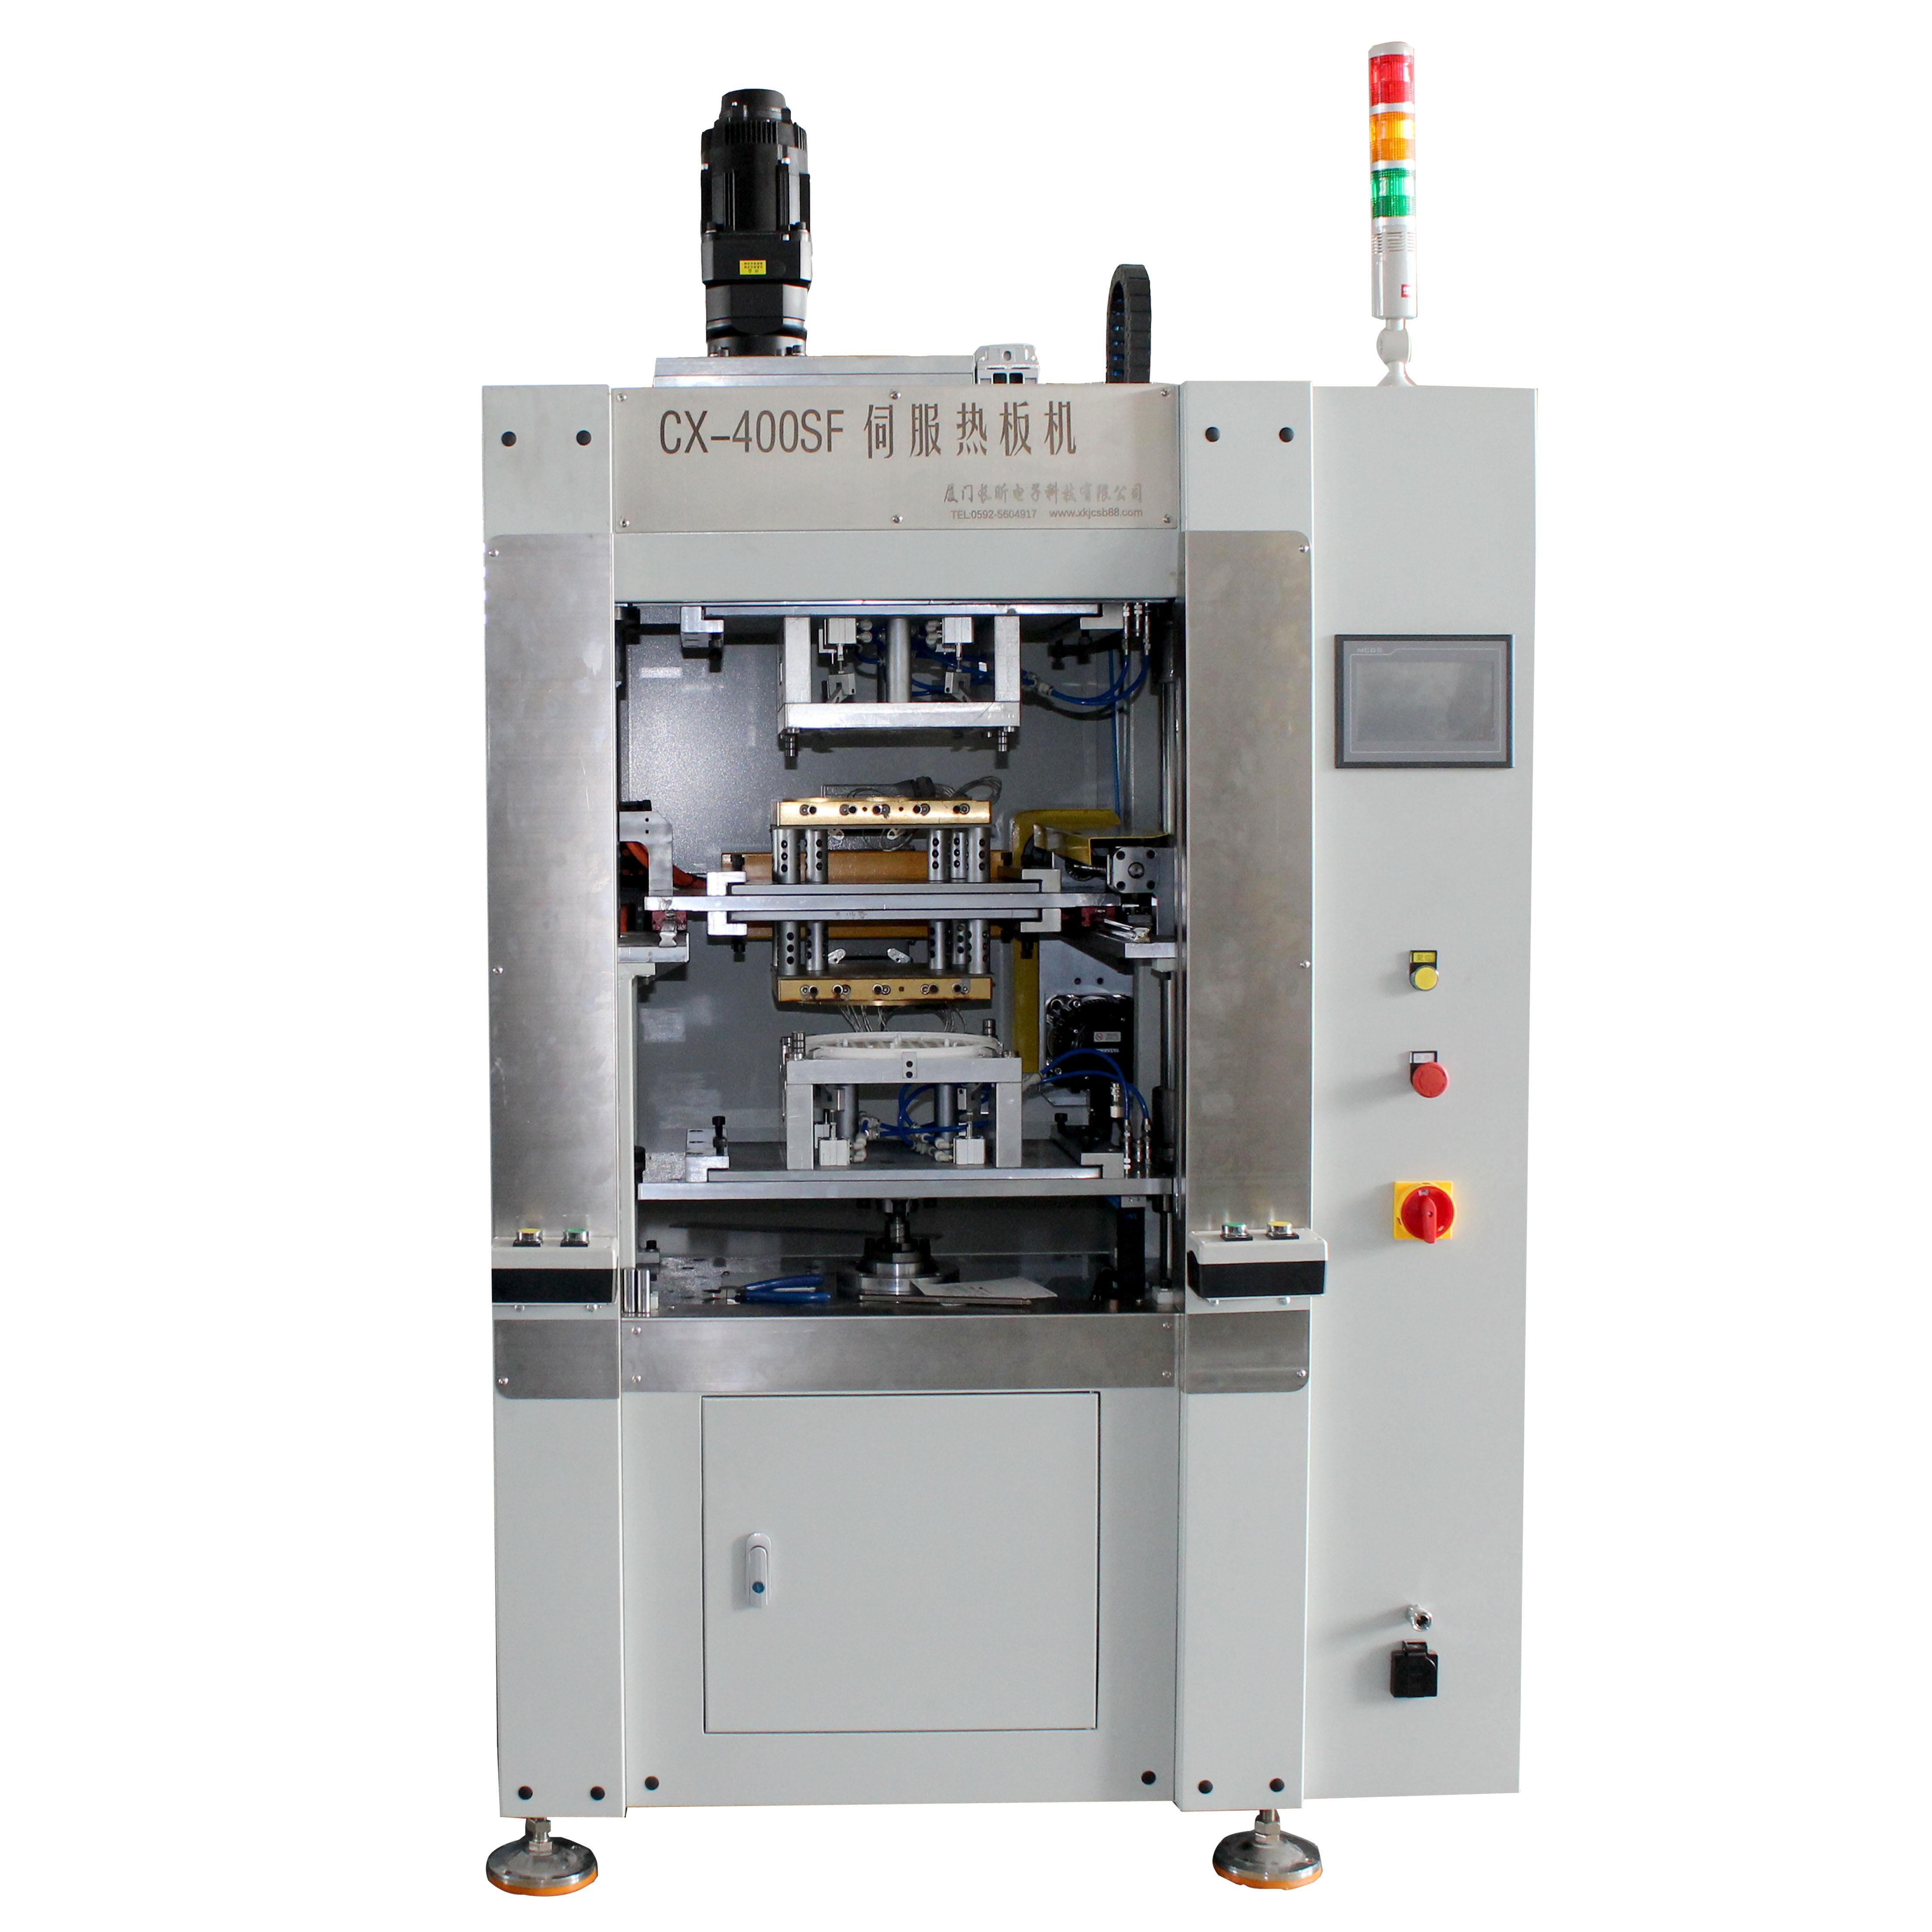 J400SF伺服热板机